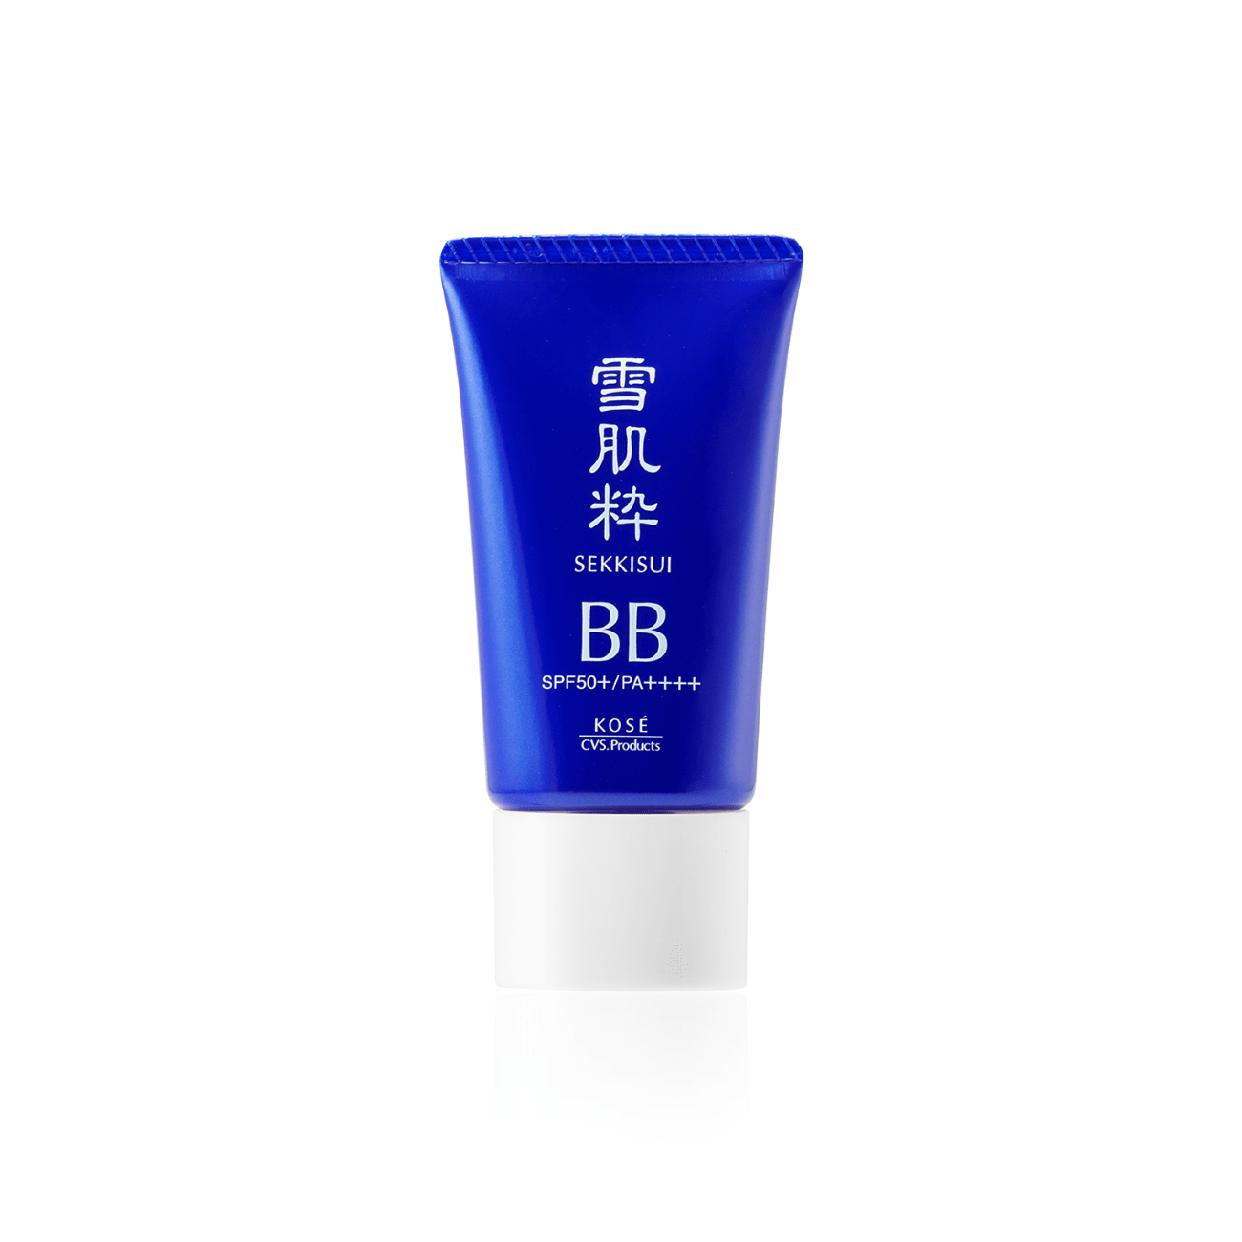 雪肌粋(SEKKISUI) パーフェクト BB クリーム Nの商品画像